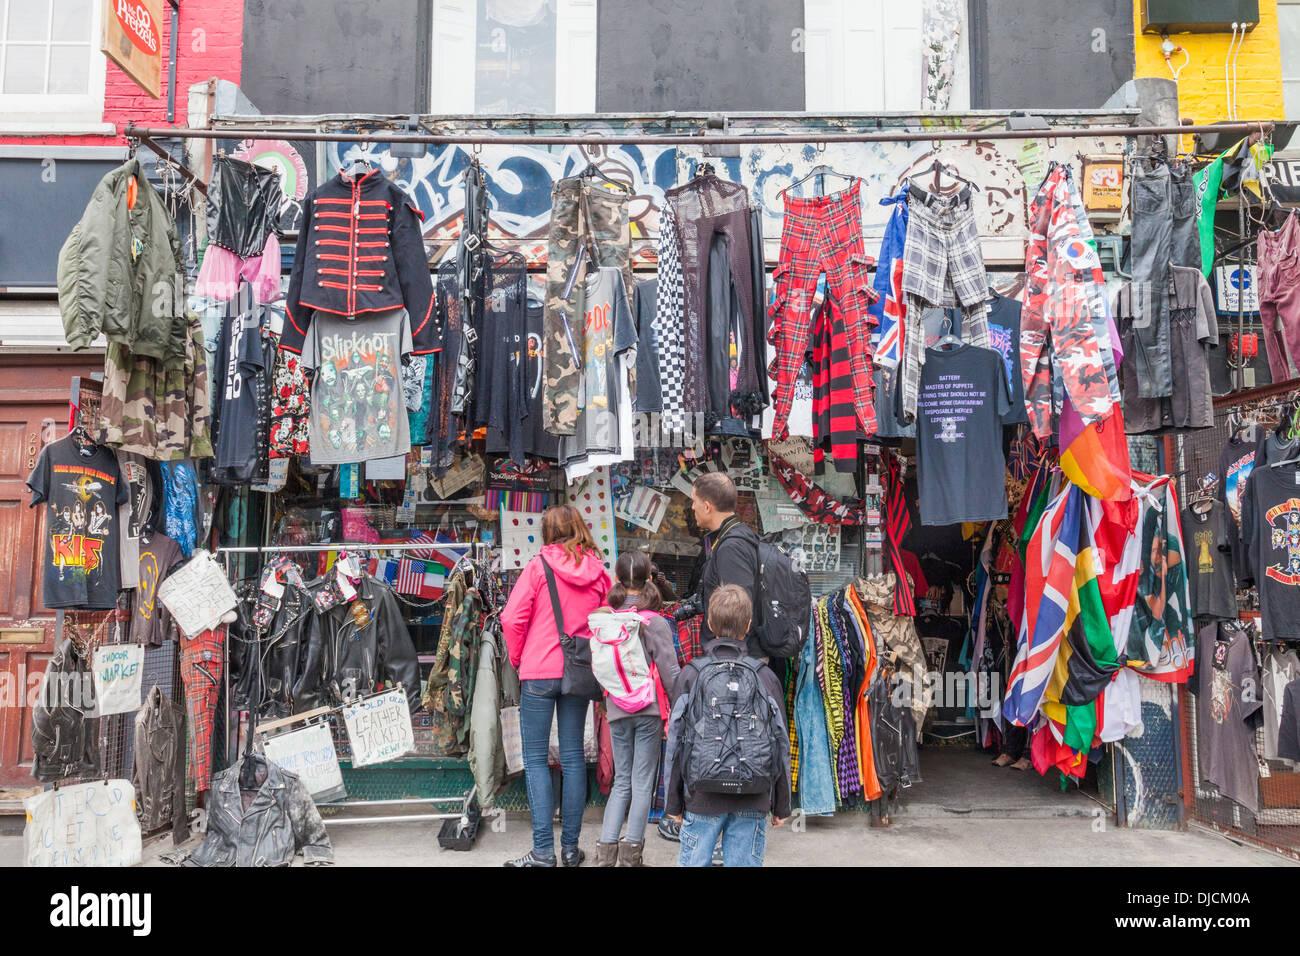 England, London, Camden, Camden Market, Family Shopping at ...